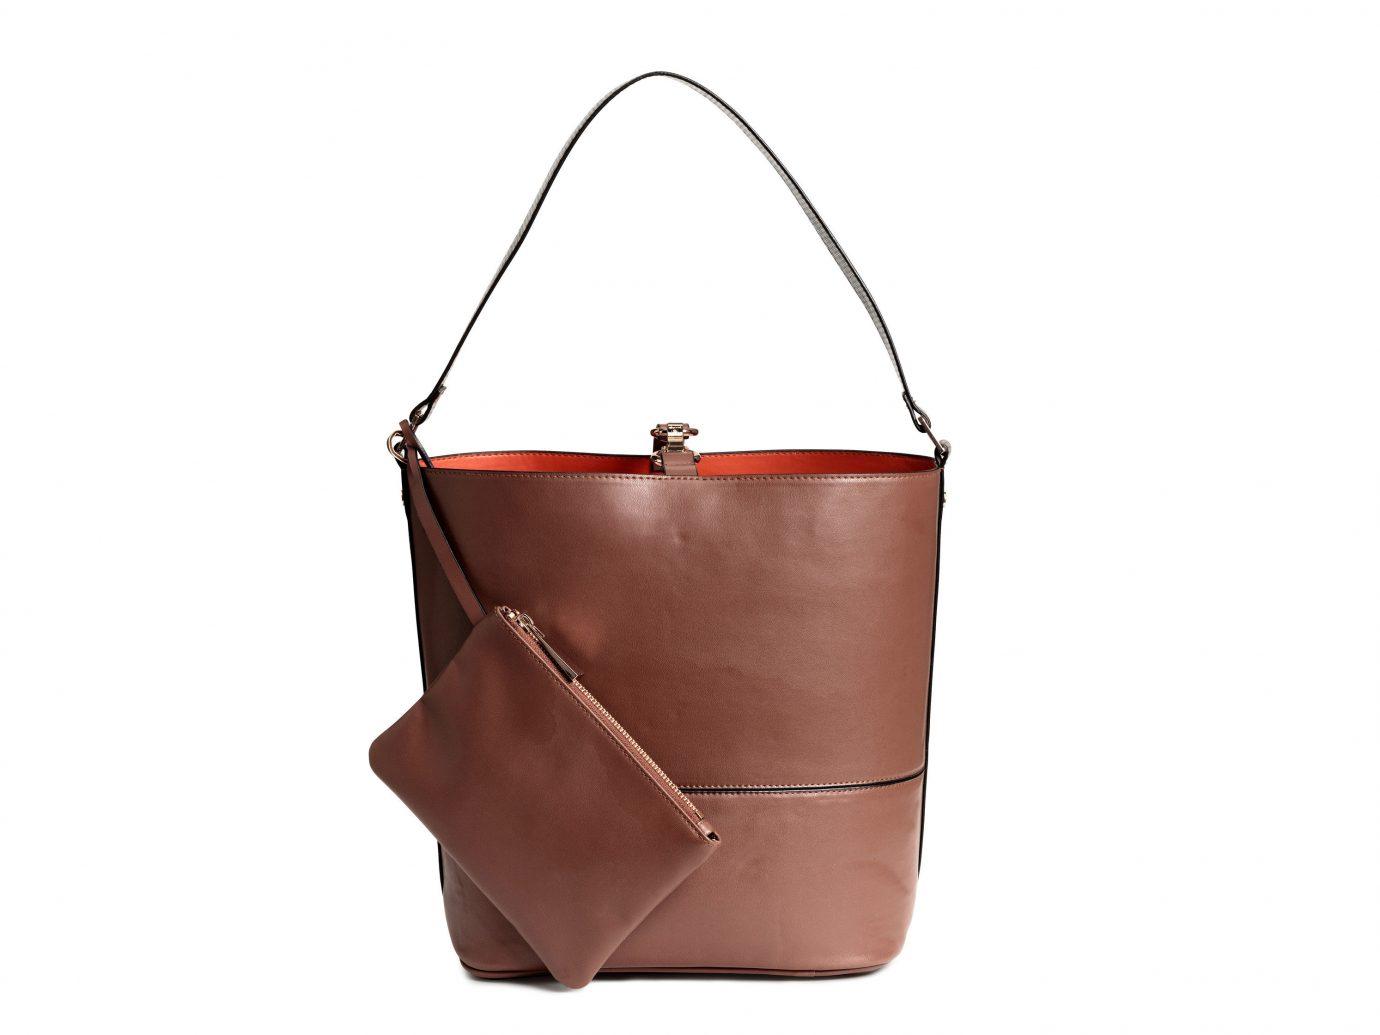 Style + Design handbag bag brown indoor shoulder bag leather fashion accessory tote bag accessory hobo bag beige